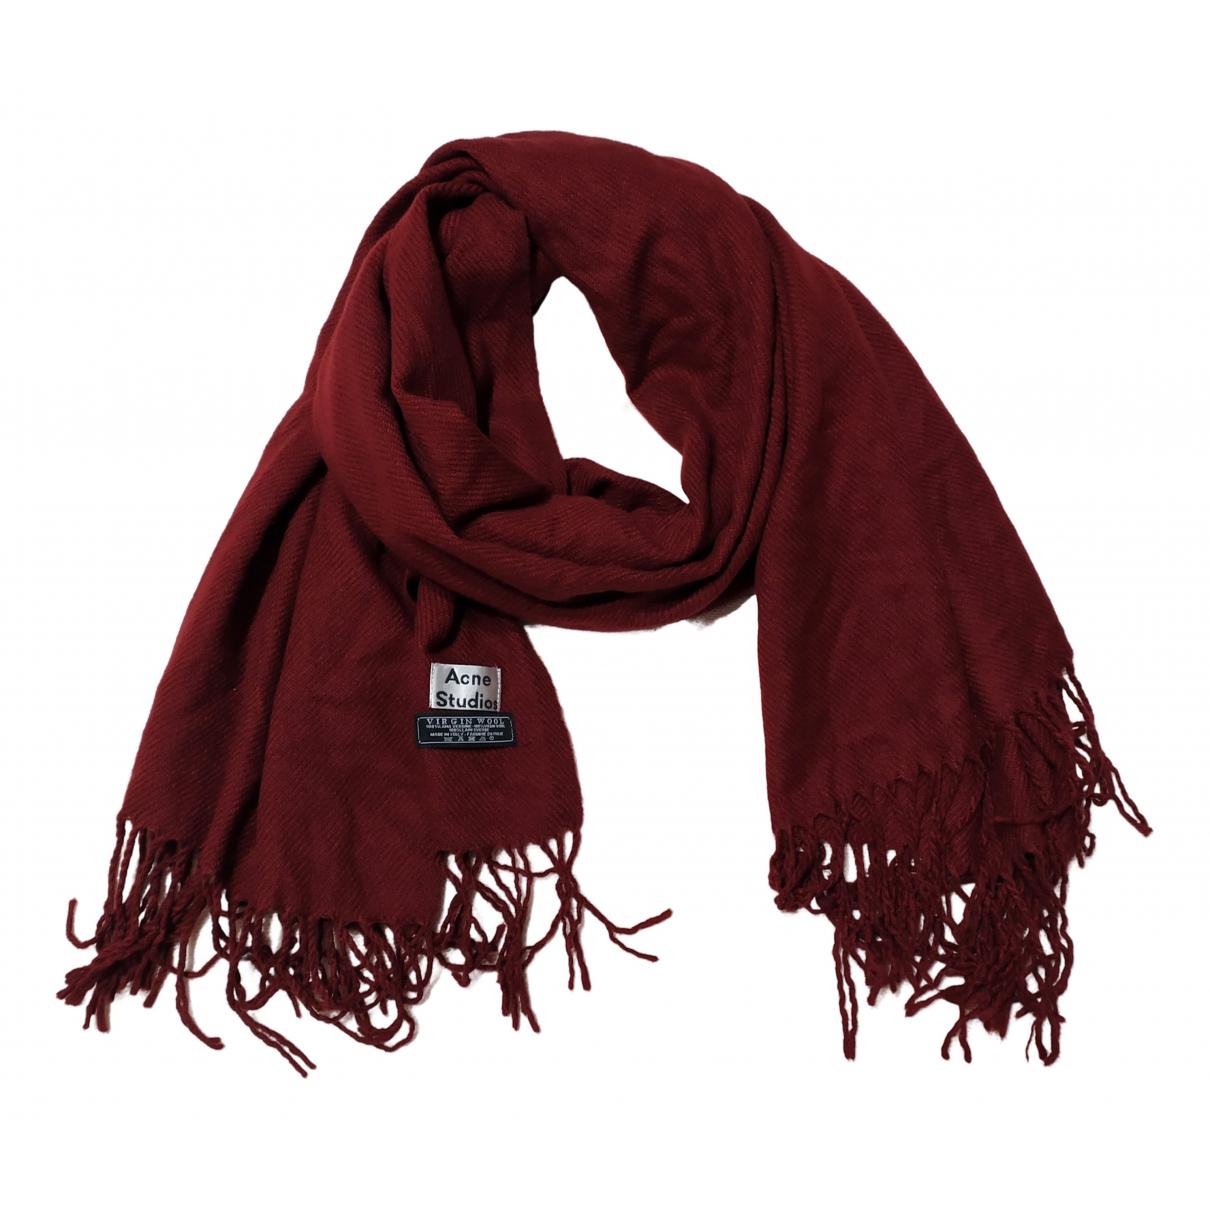 Acne Studios - Foulard   pour femme en laine - bordeaux